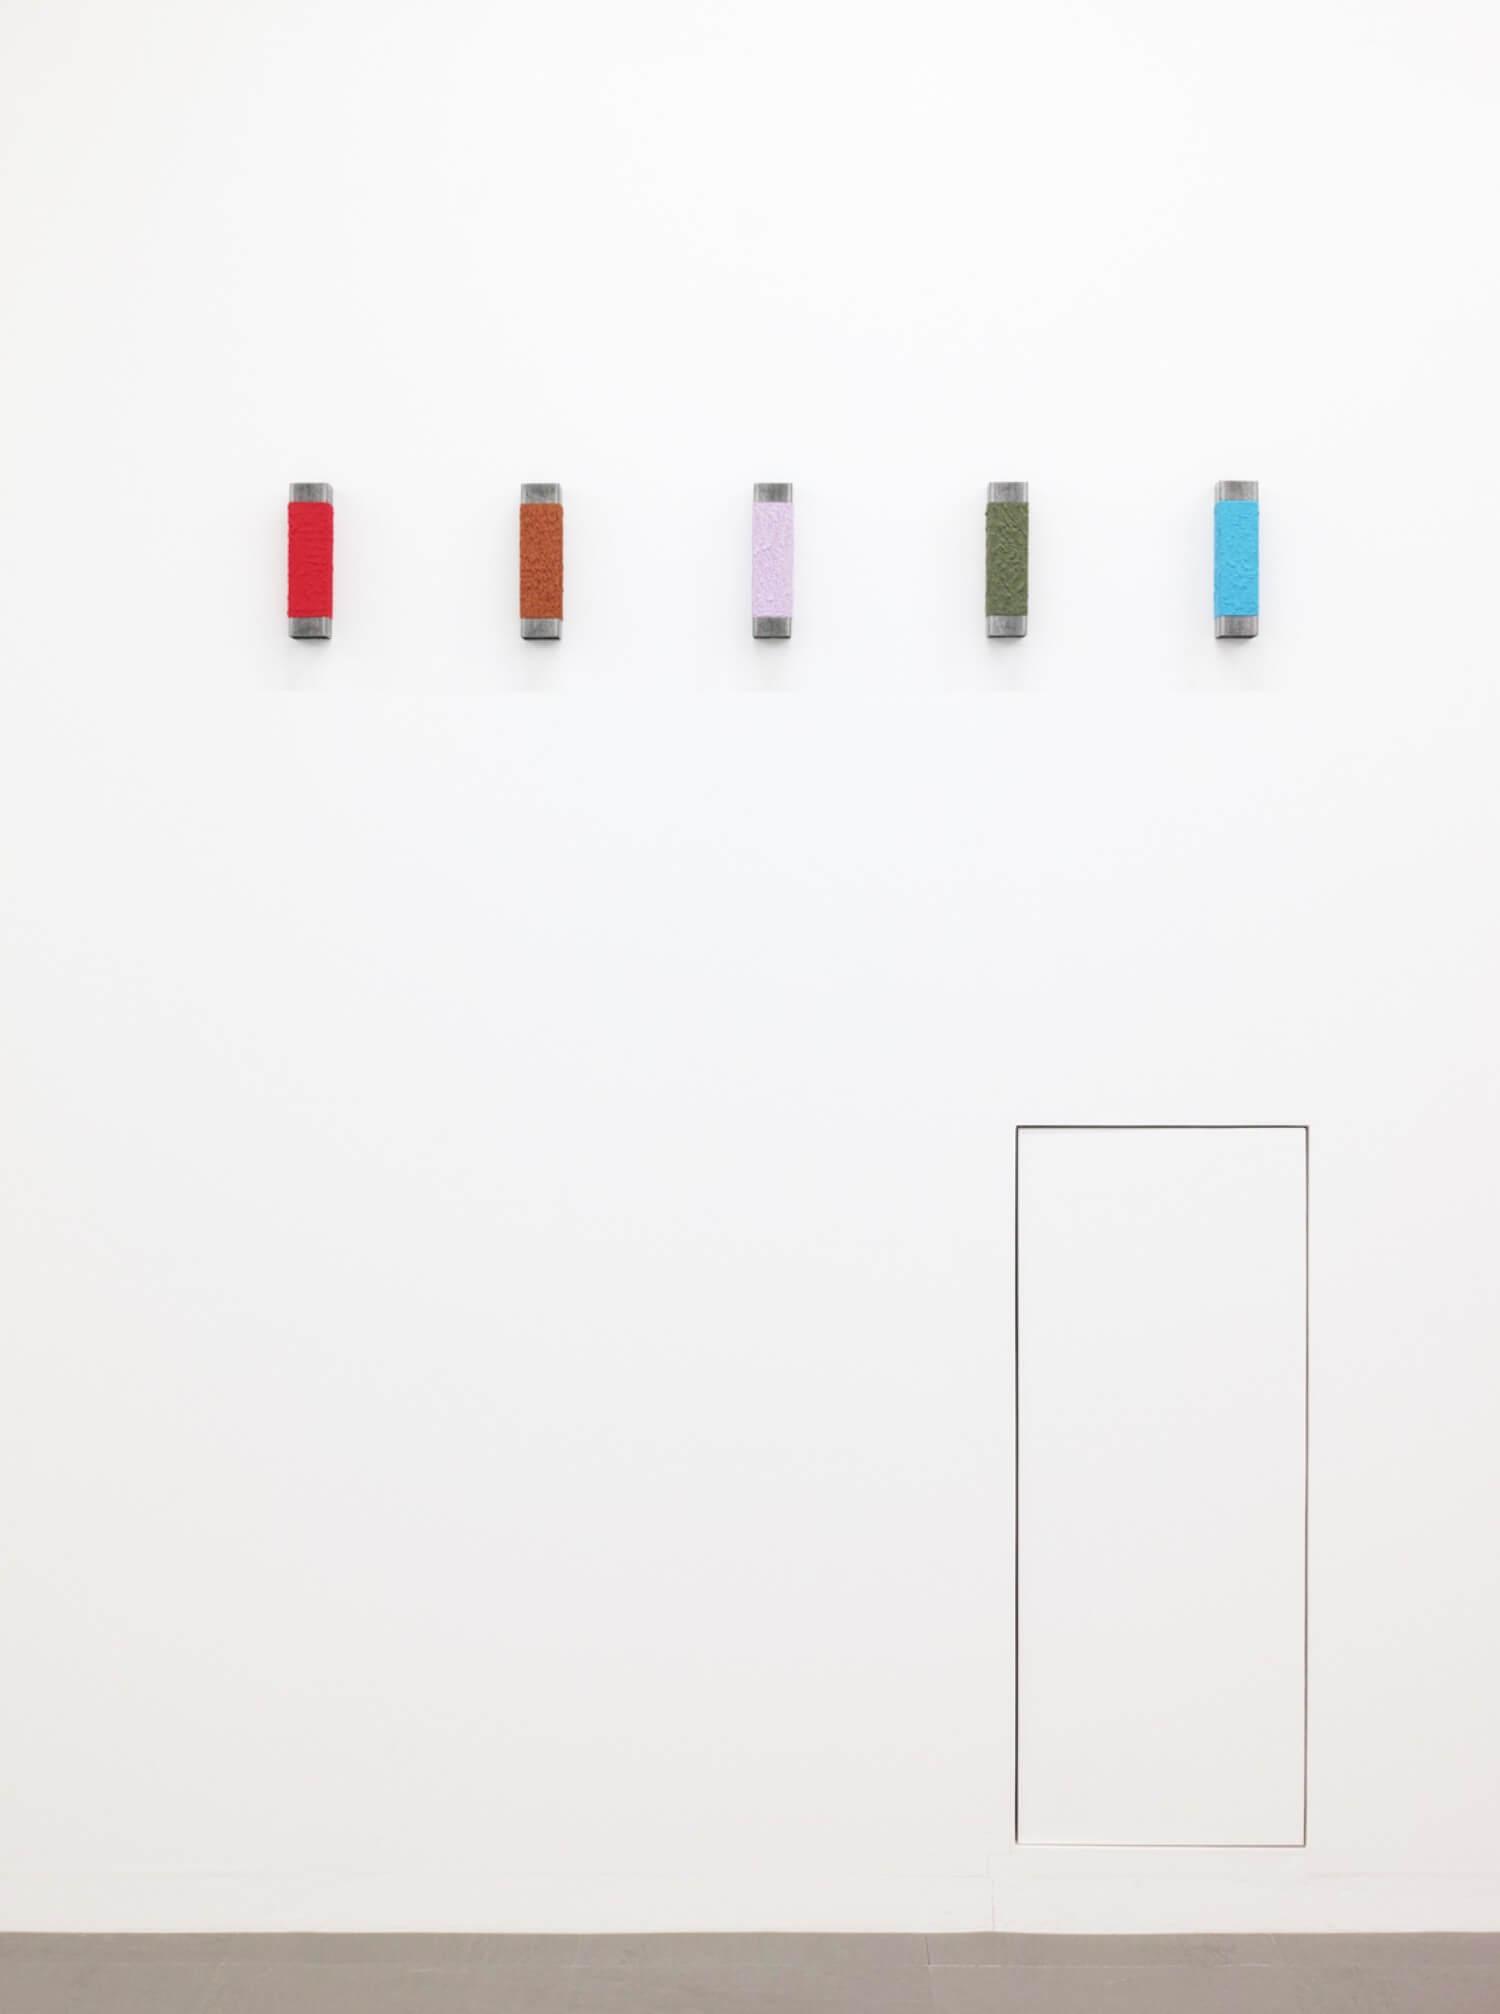 北野吉彦<br>無題 - 深紅(日本の古色シリーズ)<br>無題 - 蒲色(日本の古色シリーズ)<br>無題 - 藤袴色(日本の古色シリーズ)<br>無題 - 松葉色(日本の古色シリーズ)<br>無題 - 空色(日本の古色シリーズ)<br>(左より)<br>Oil on iron square pipe, 200 x 50 x 50 mm, 2017 each